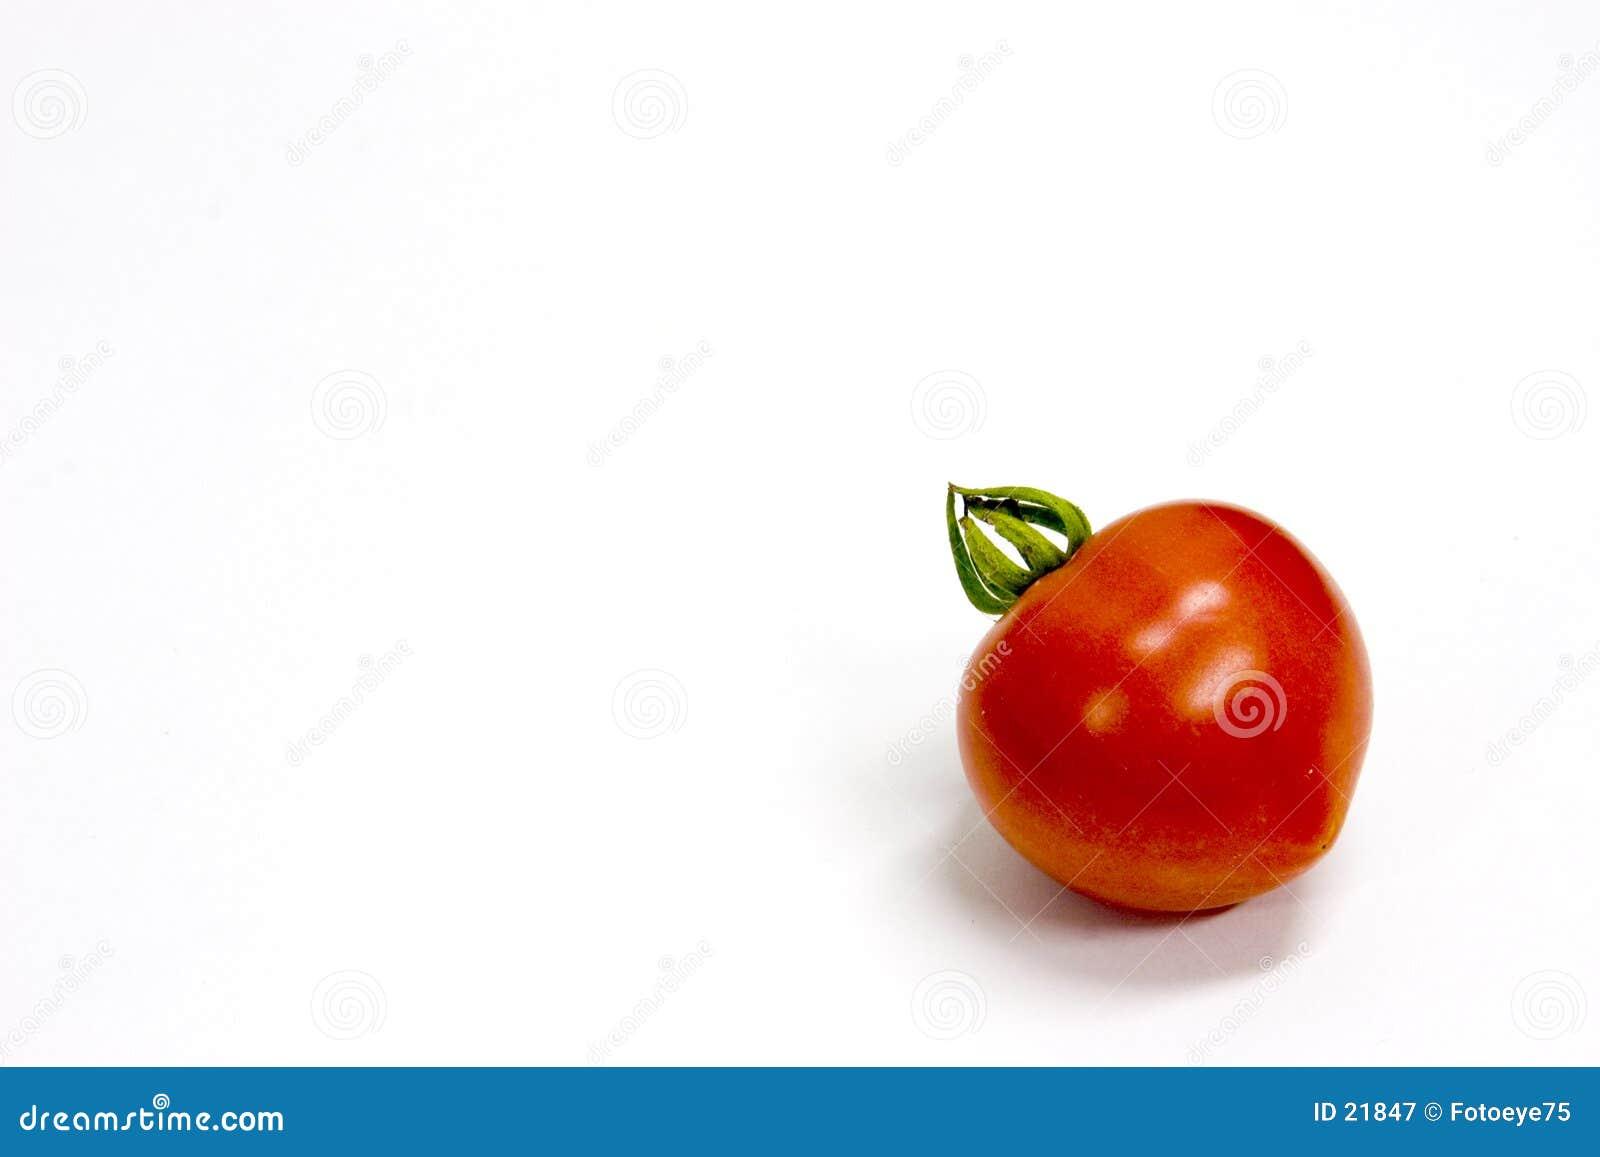 Tomatoe winogronowy